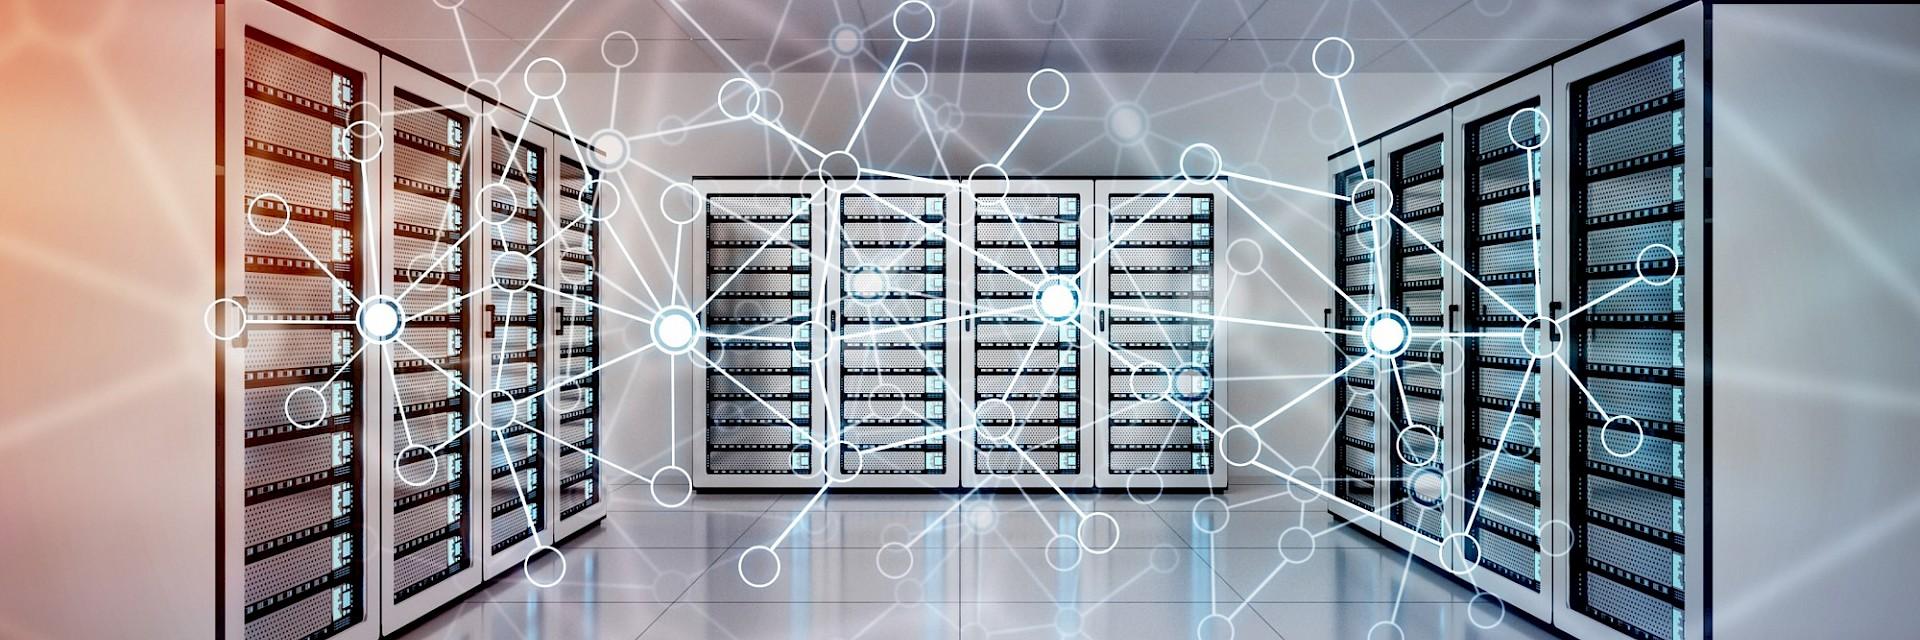 HANA data warehouse manager for SAP HANA der Firma ADWEKO